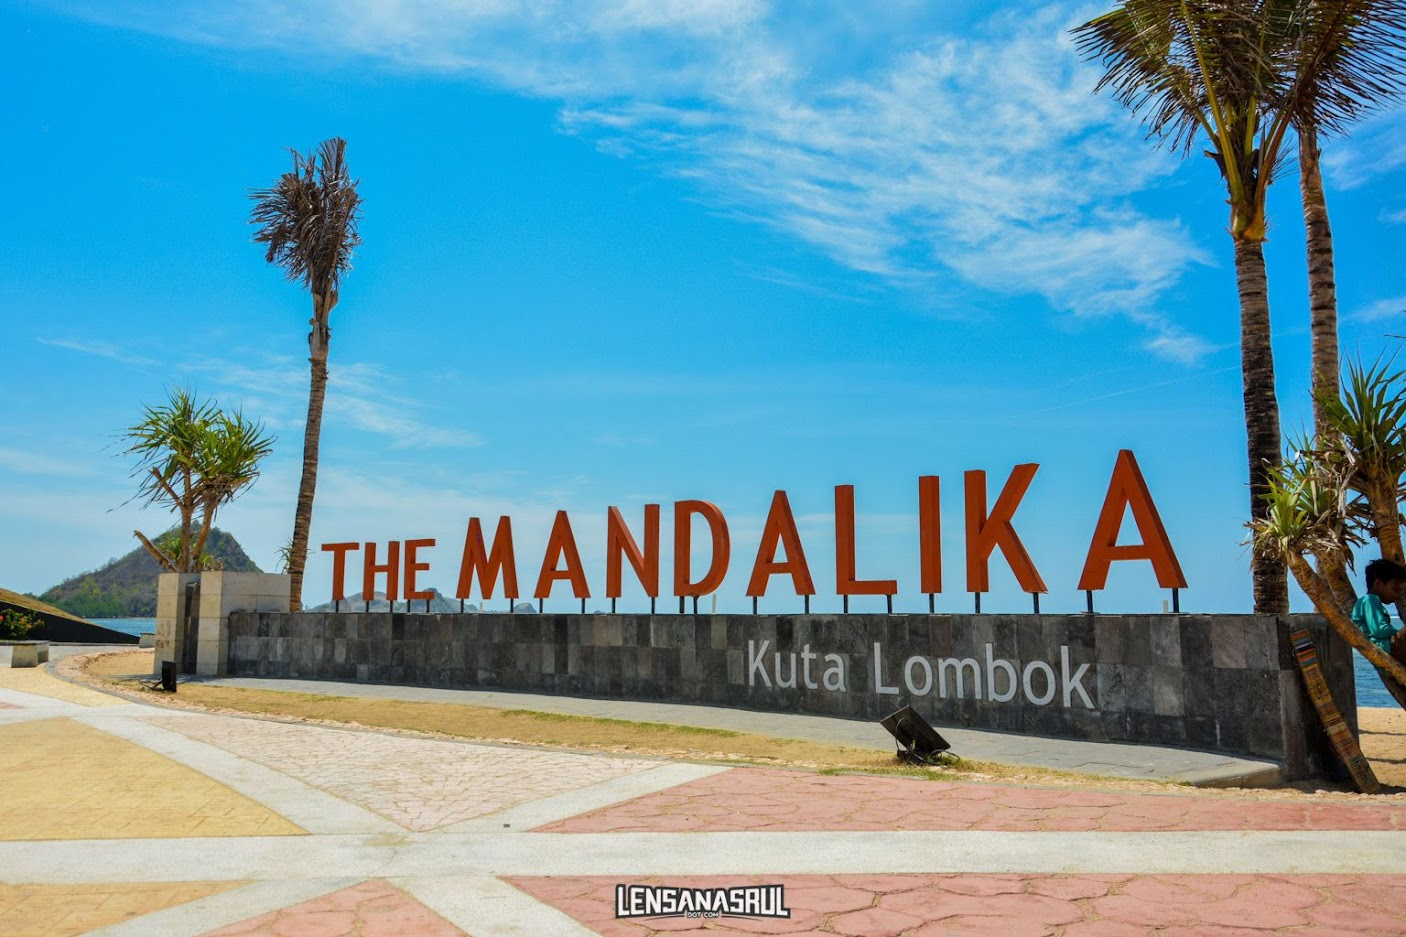 Mandalika Kuta Lombok